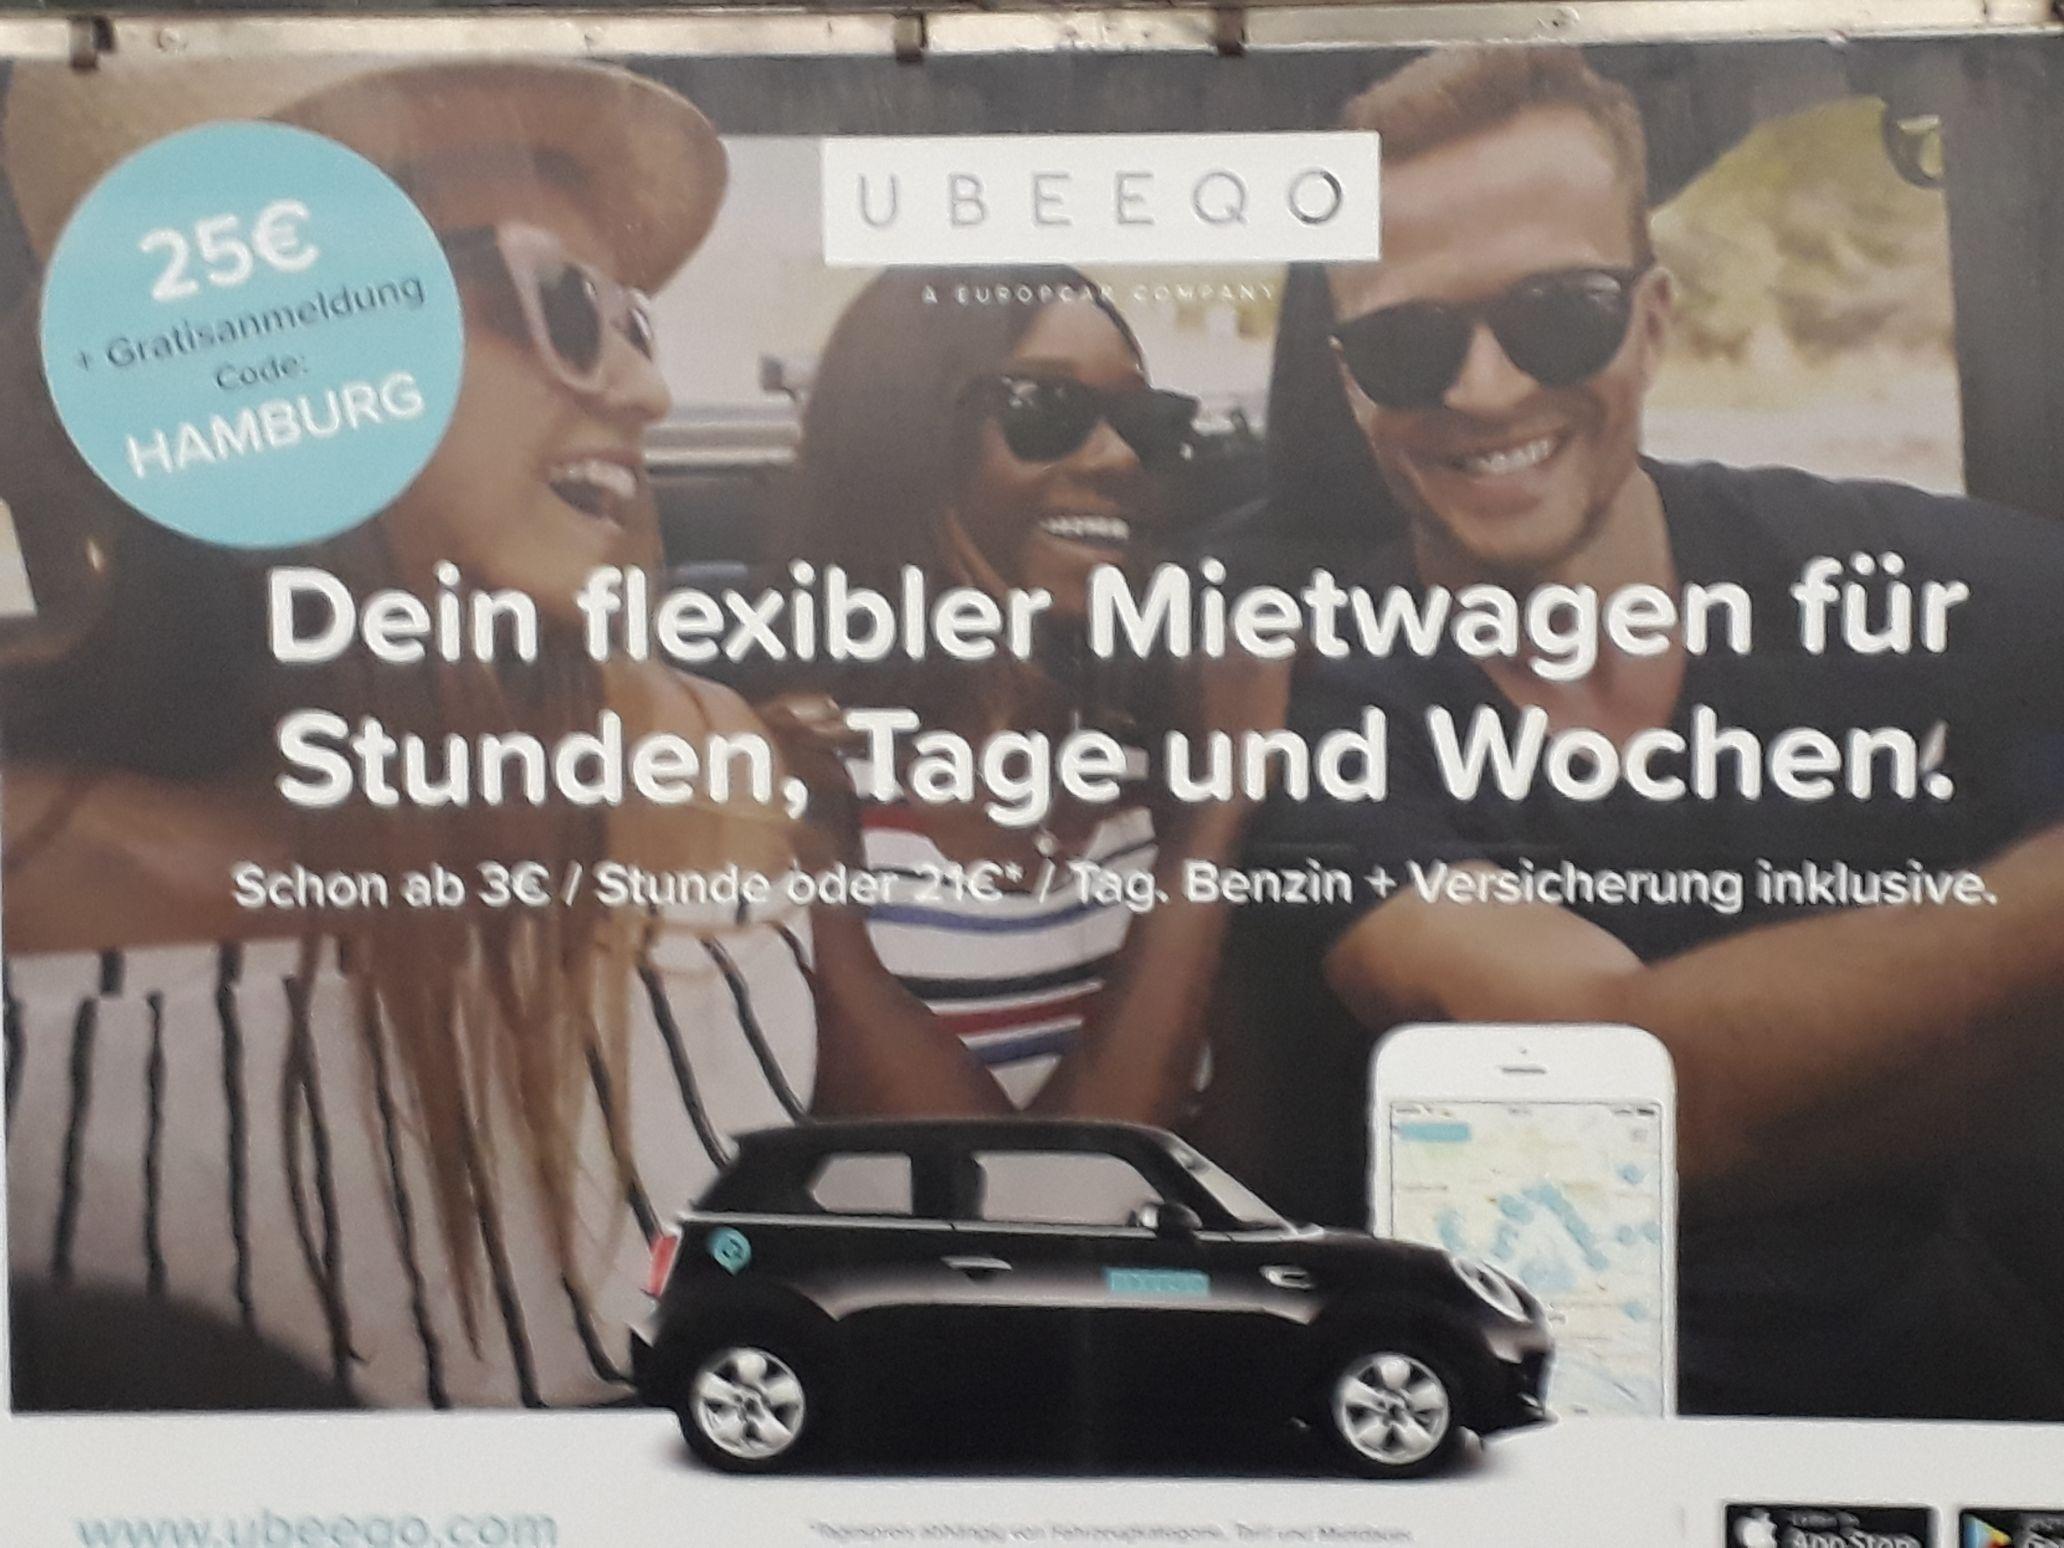 [UBEEQO] 25 EUR Startguthaben und kostenlose Anmeldung für Carsharing (Berlin & Hamburg)